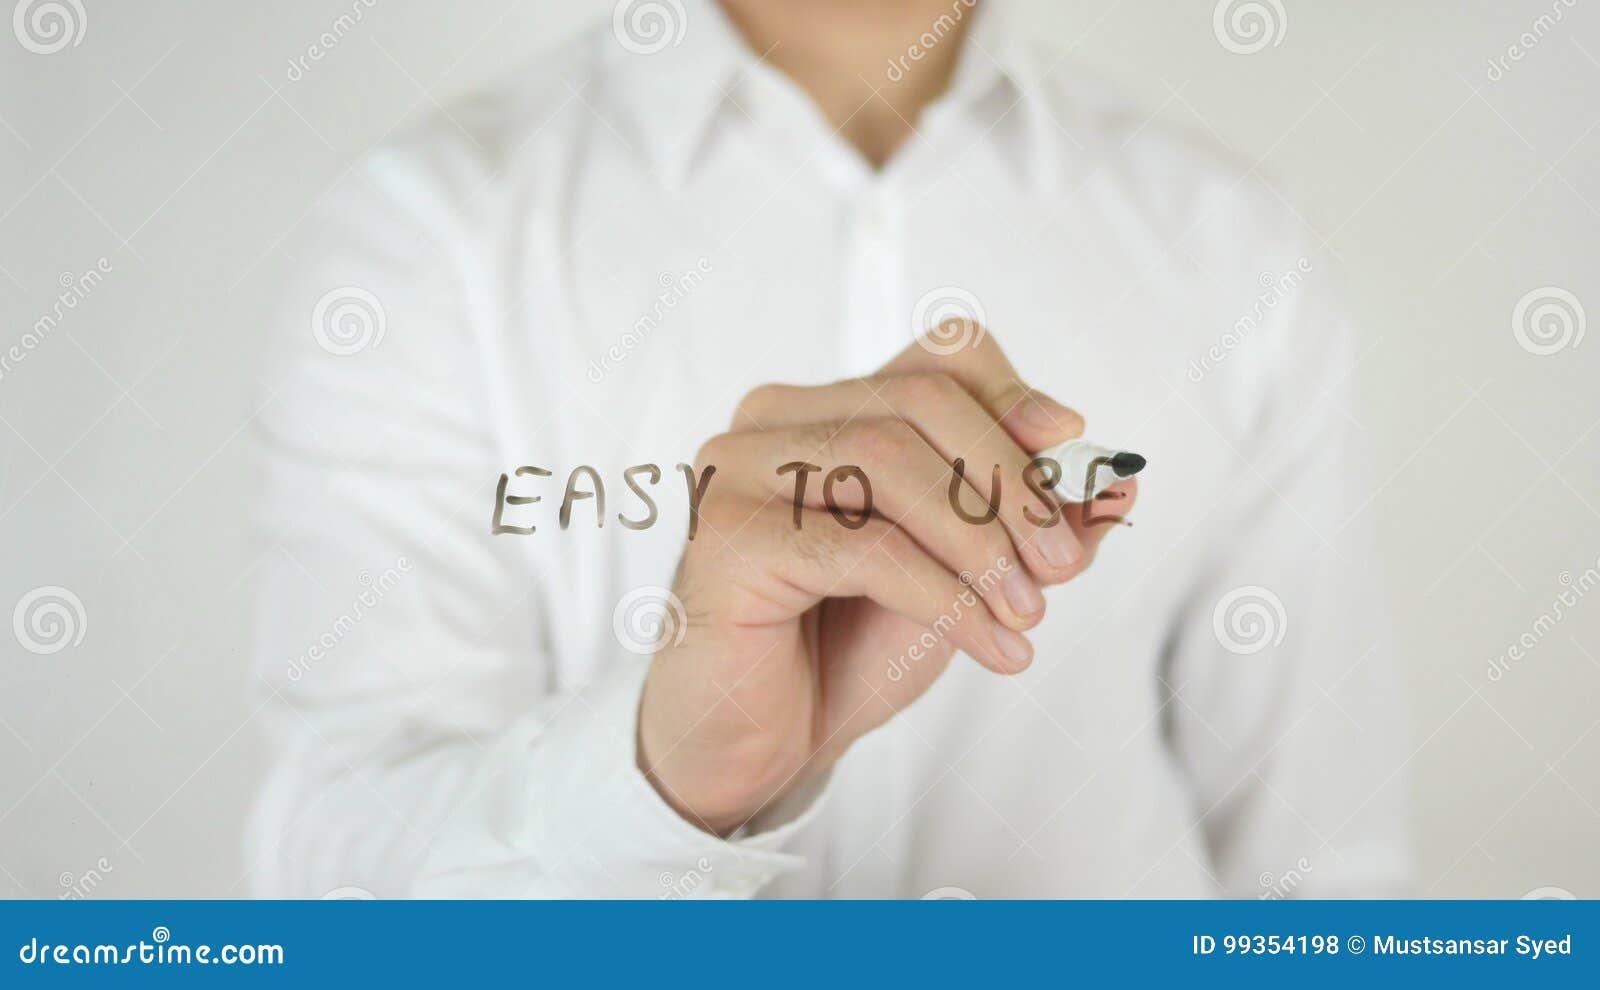 Fácil de utilizar, escrito en el vidrio